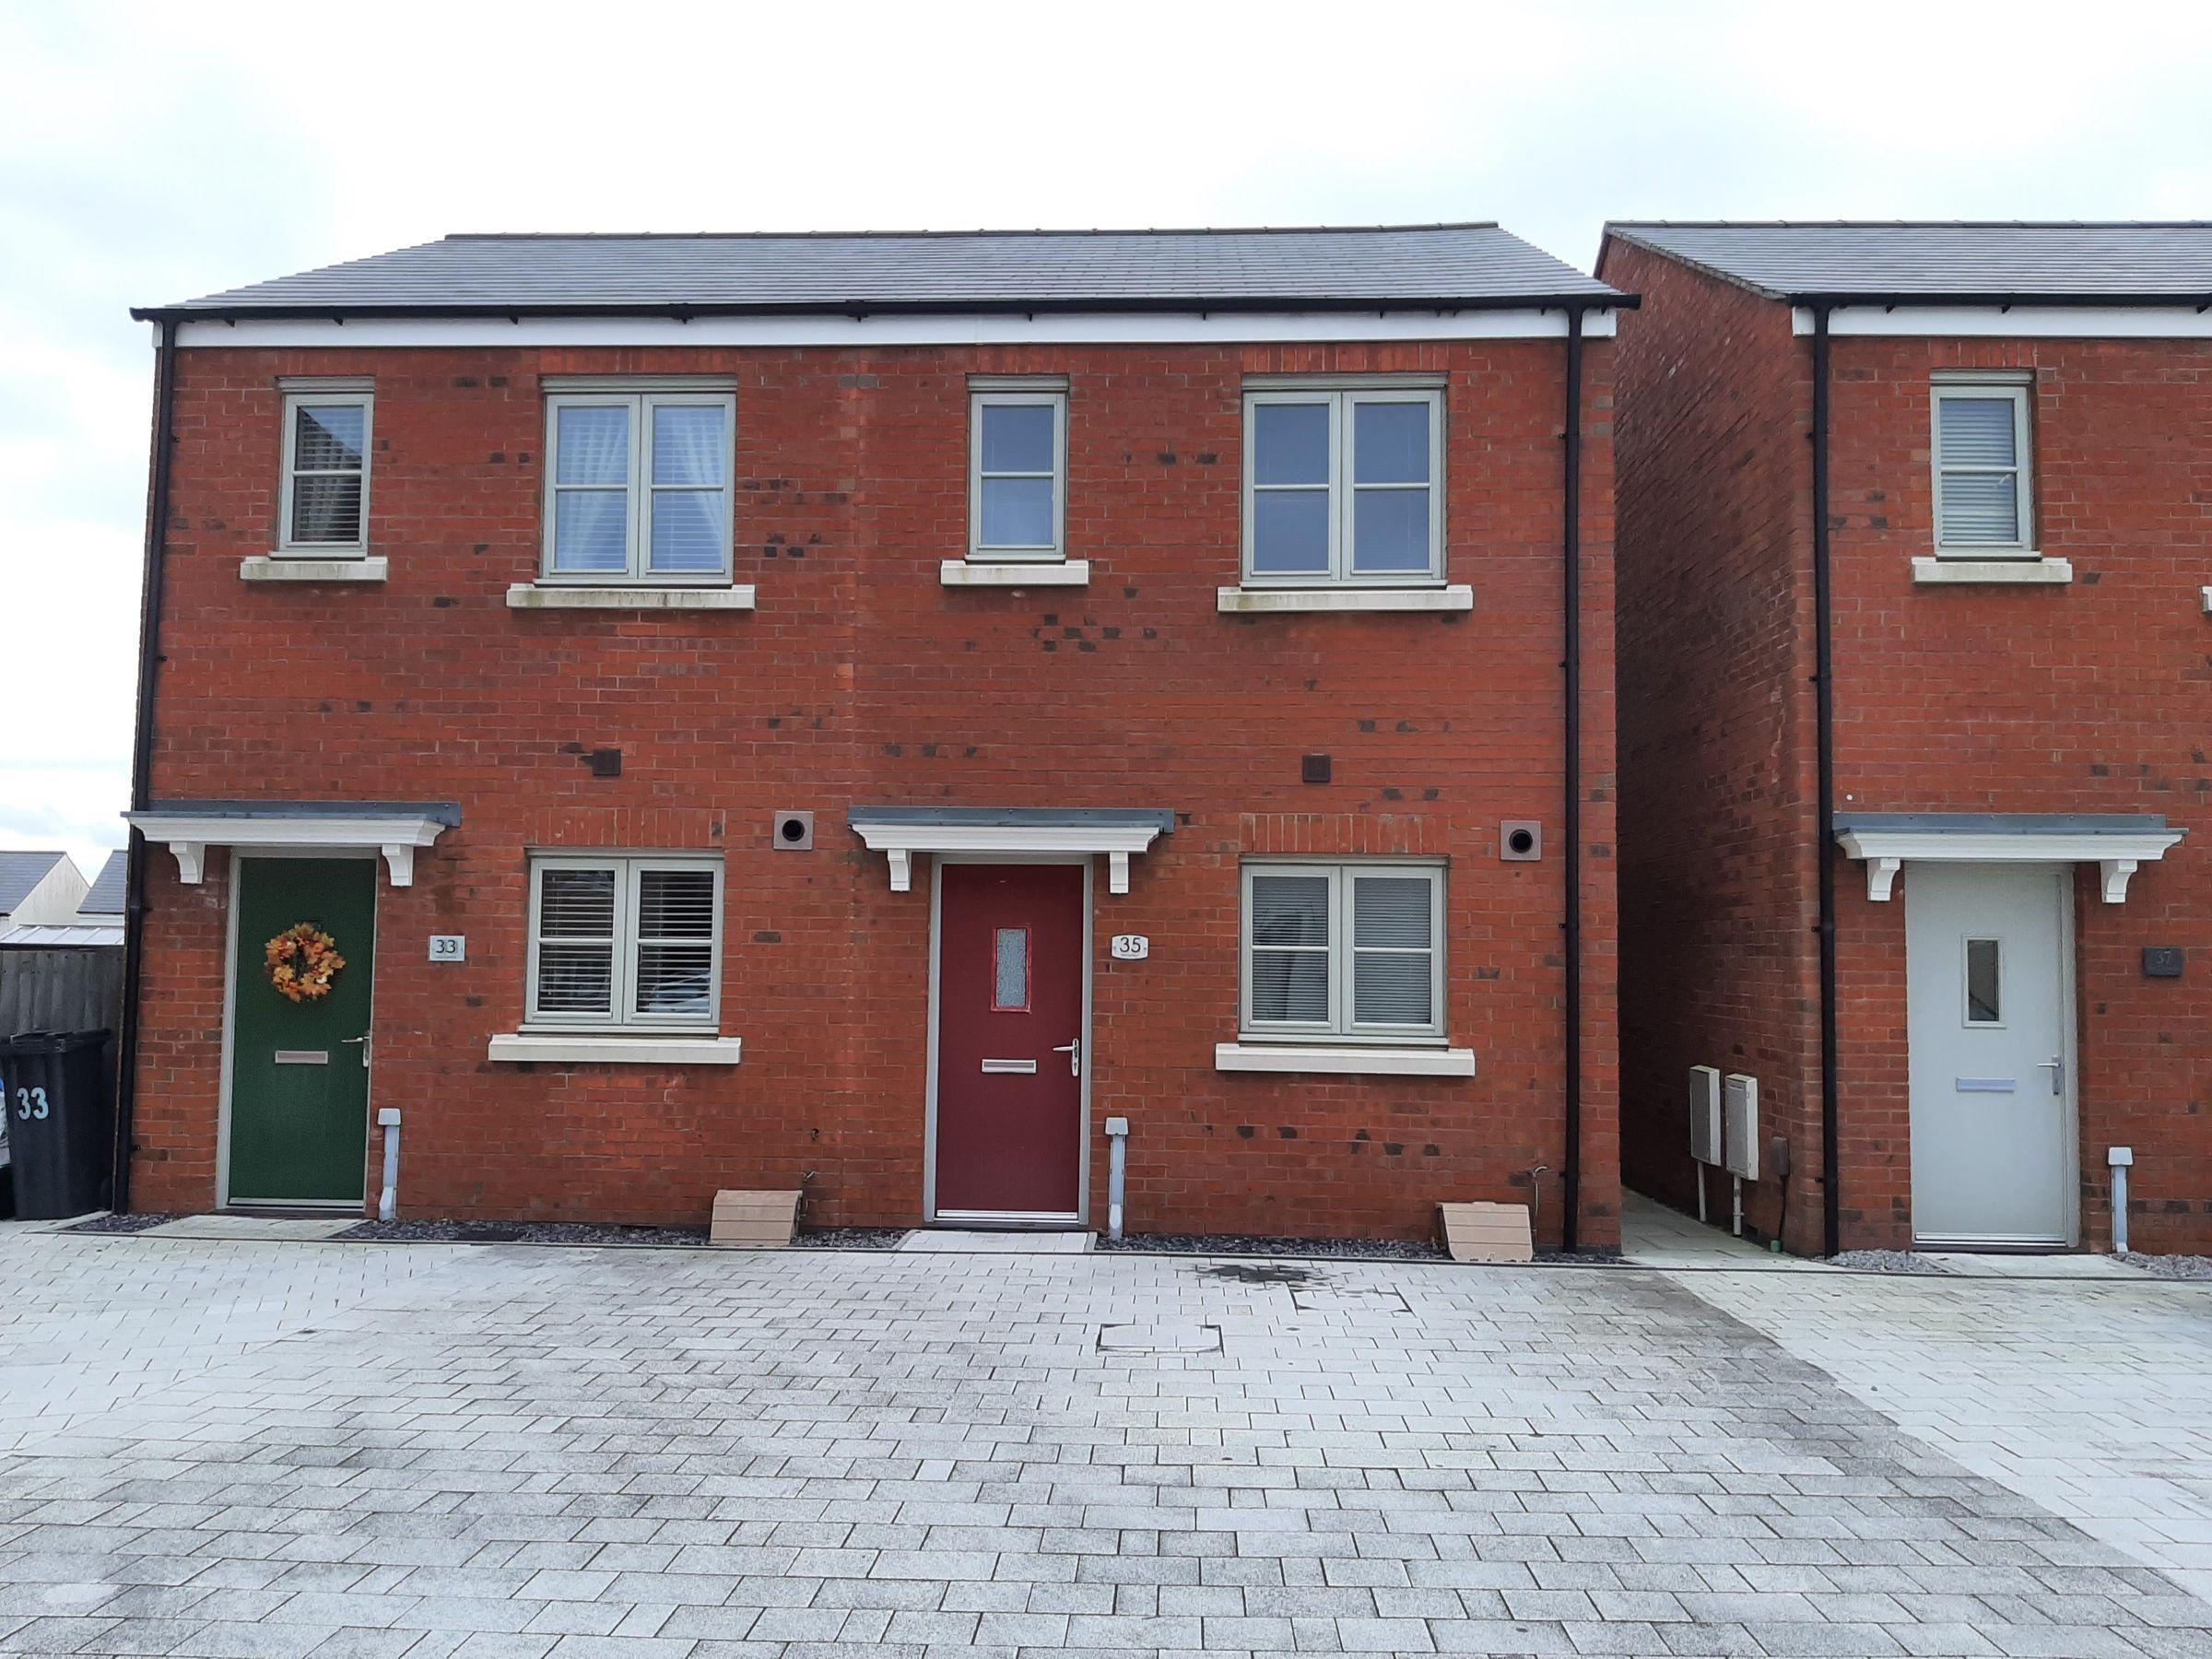 Property photo 1 of 10. Image